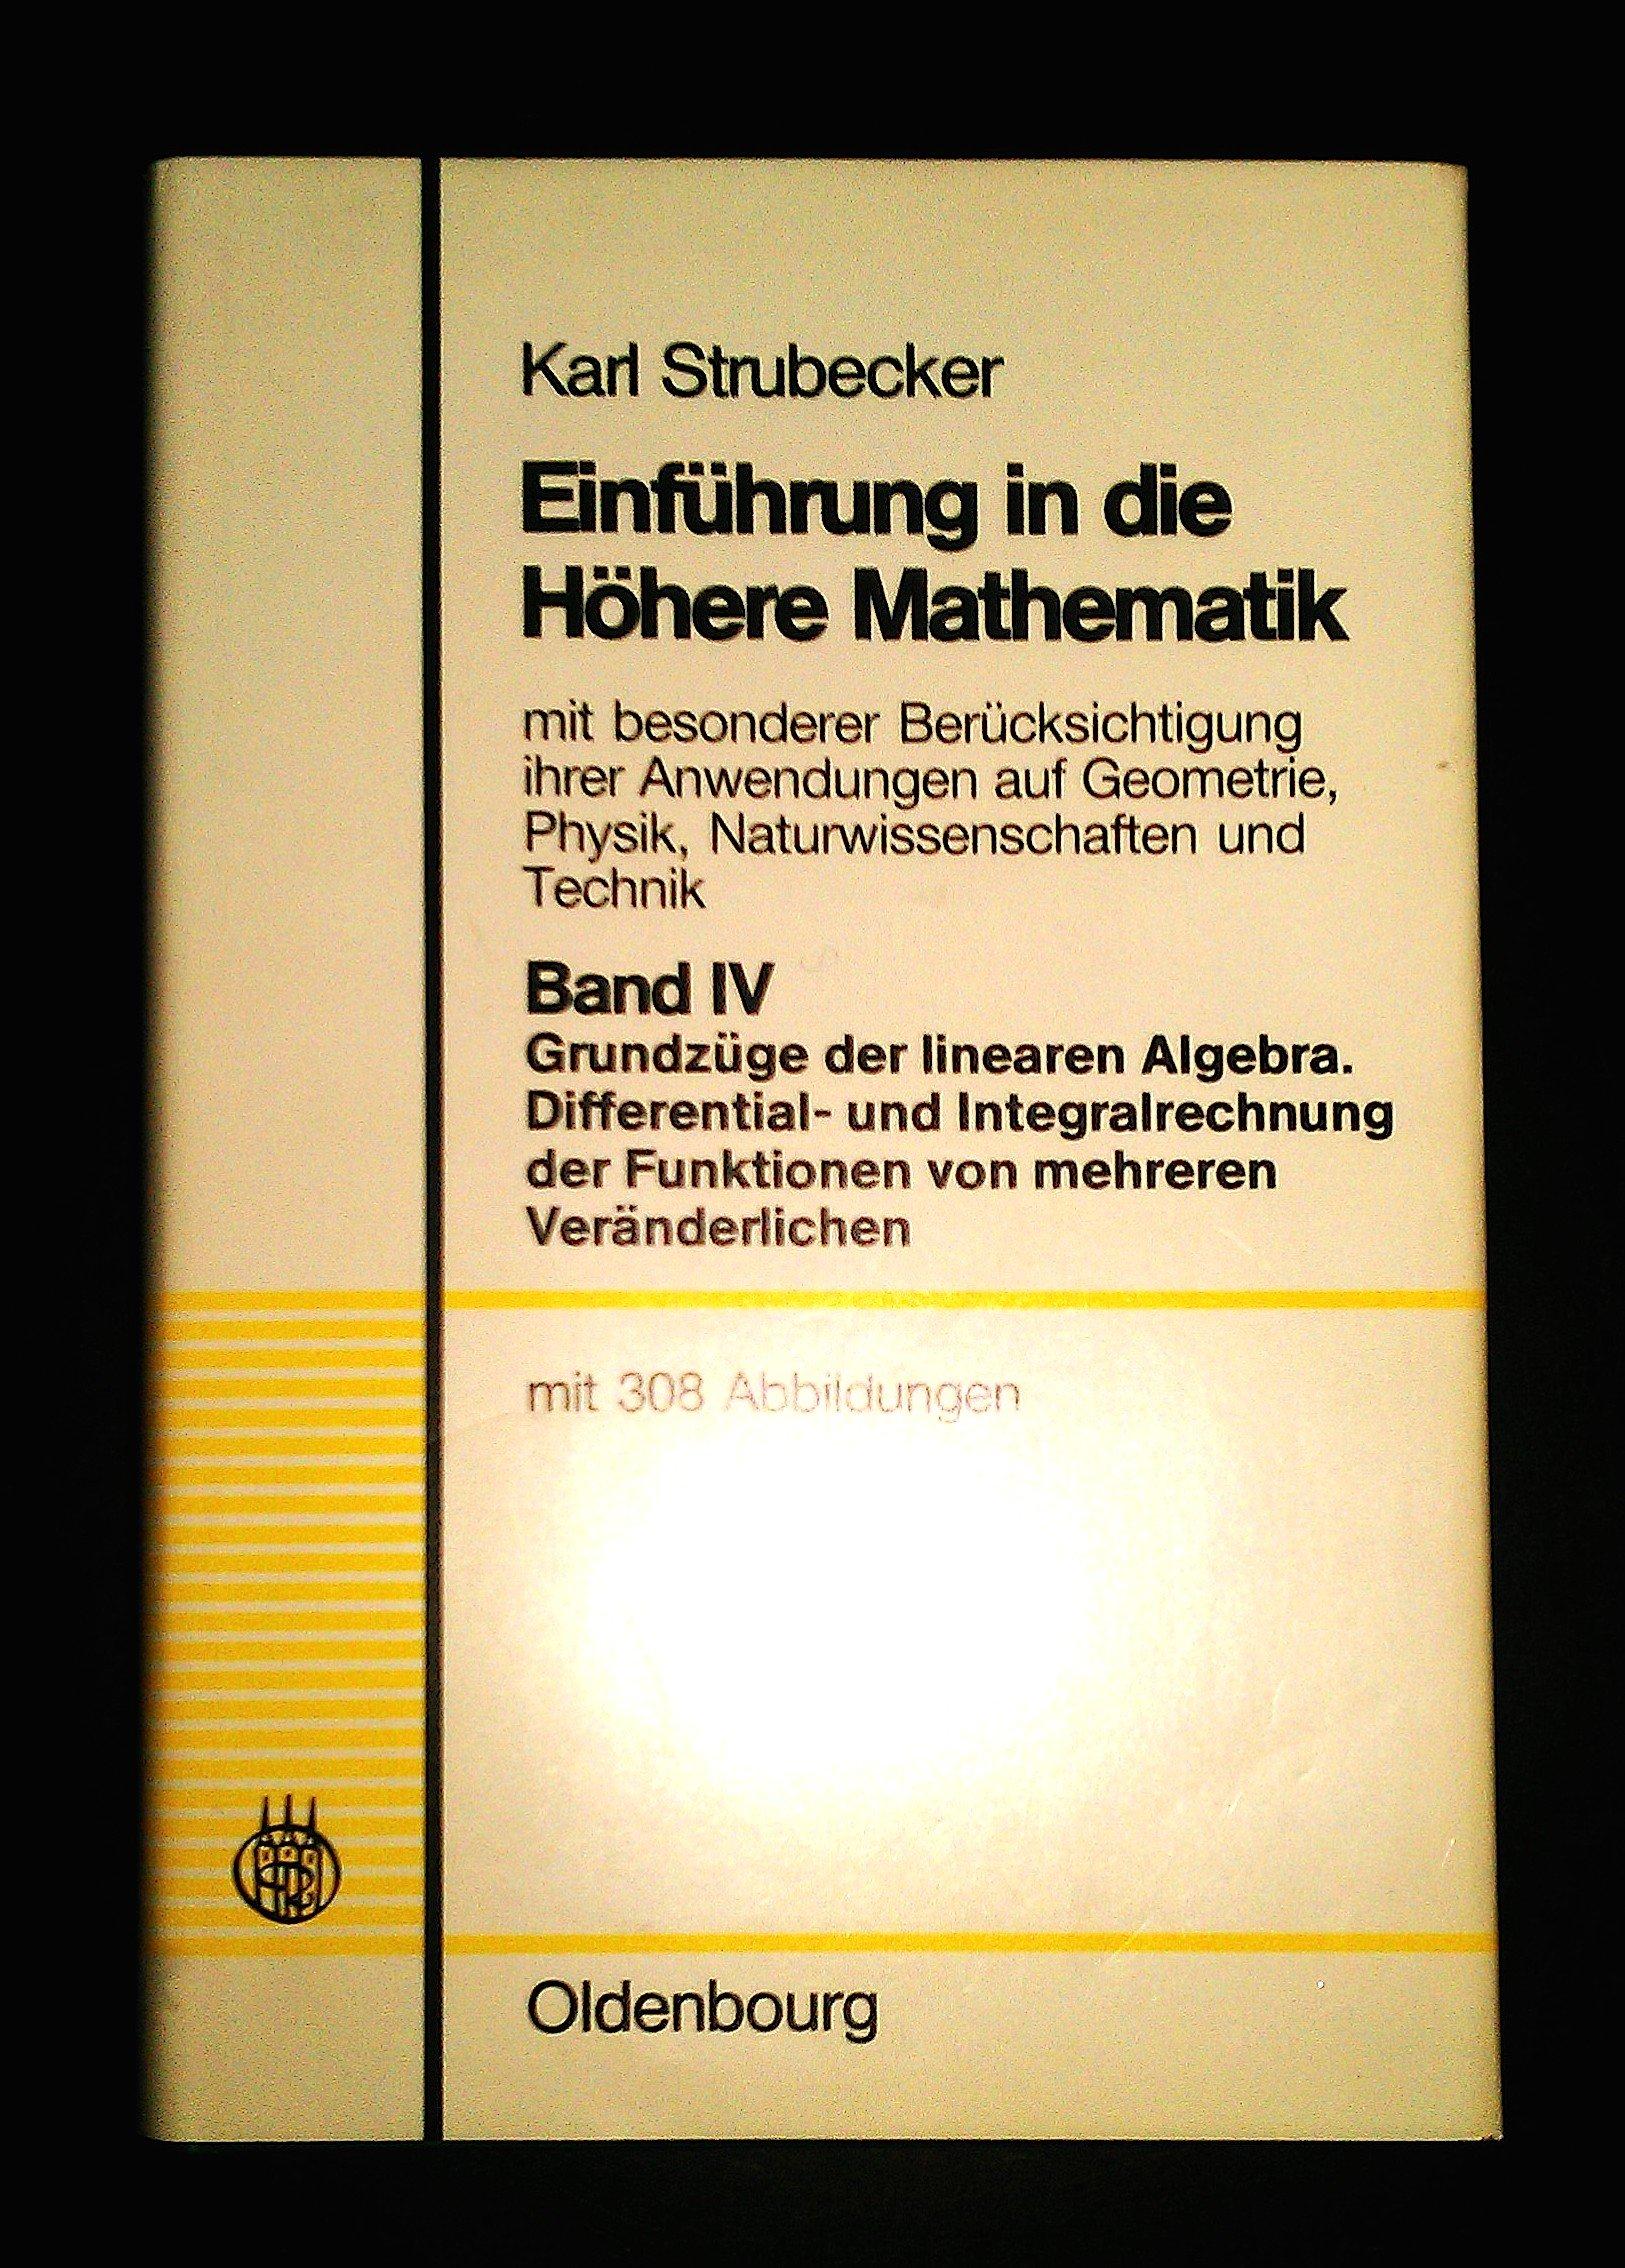 Einführung in die Höhere Mathematik mit besonderer Berücksichtigung ihrer Anwendungen auf Geometrie, Physik, Naturwissenschaften und Technik. Bd. IV:  Grundzüge der linearen Algebra: Bd. 4